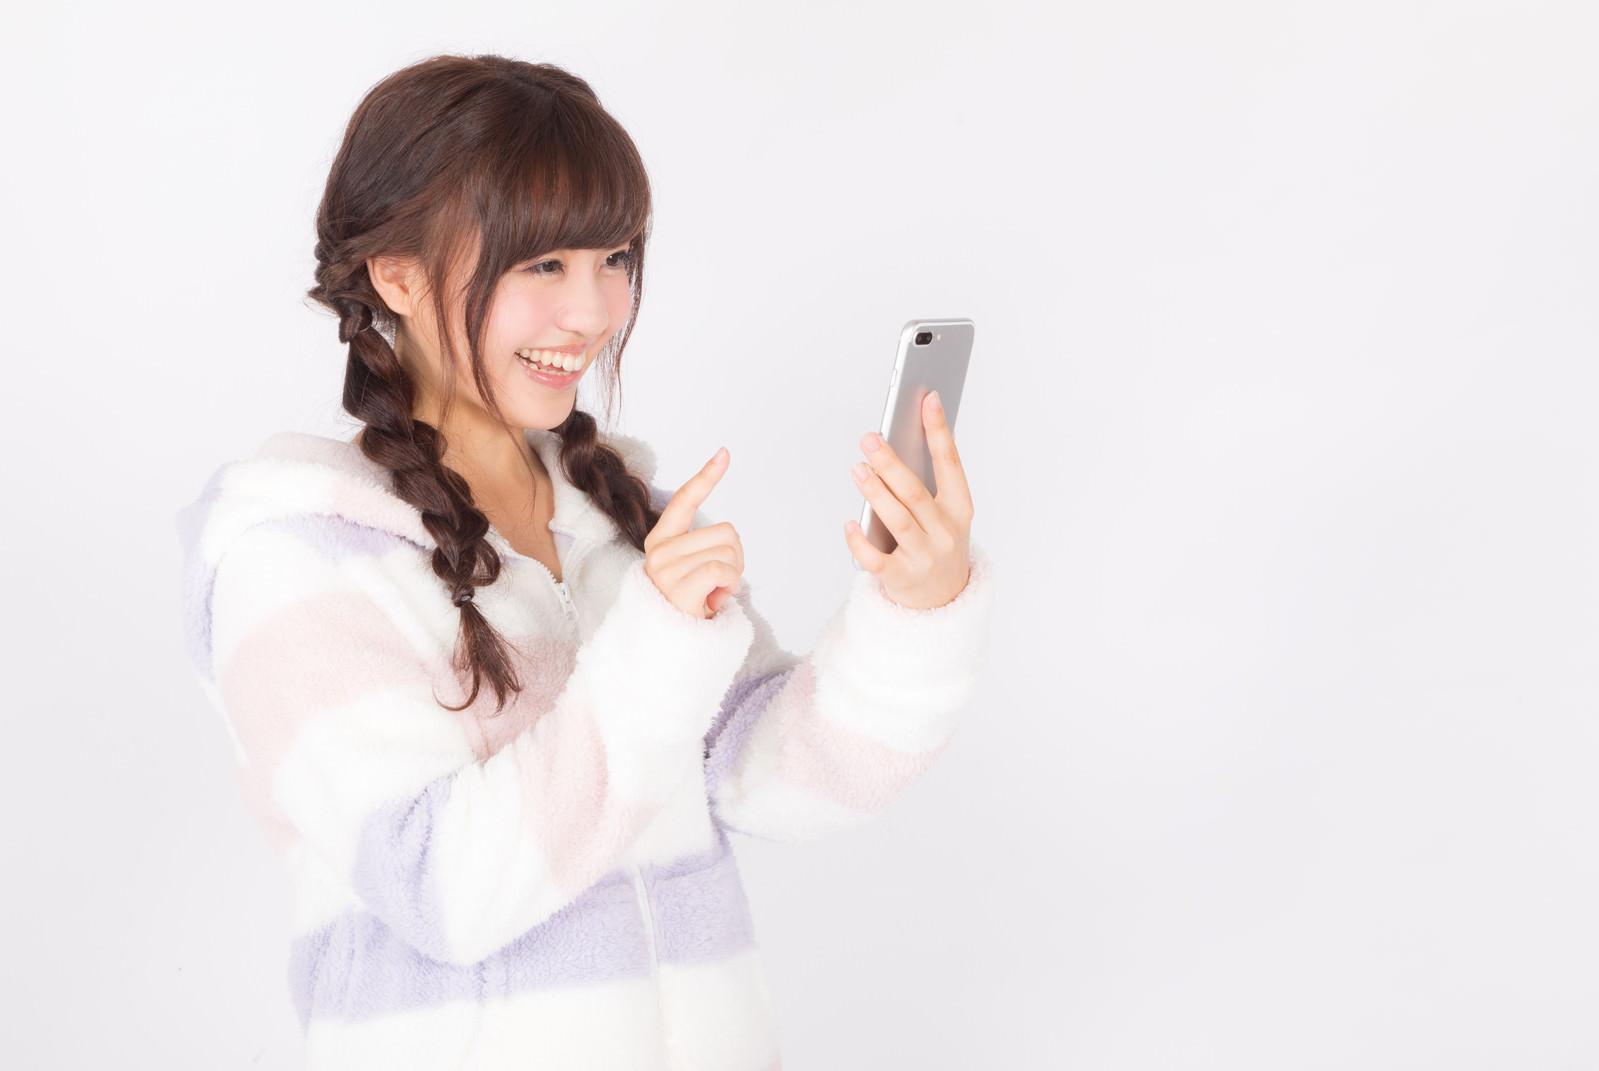 「笑顔でスマホアプリを楽しむ女性」の写真[モデル:河村友歌]